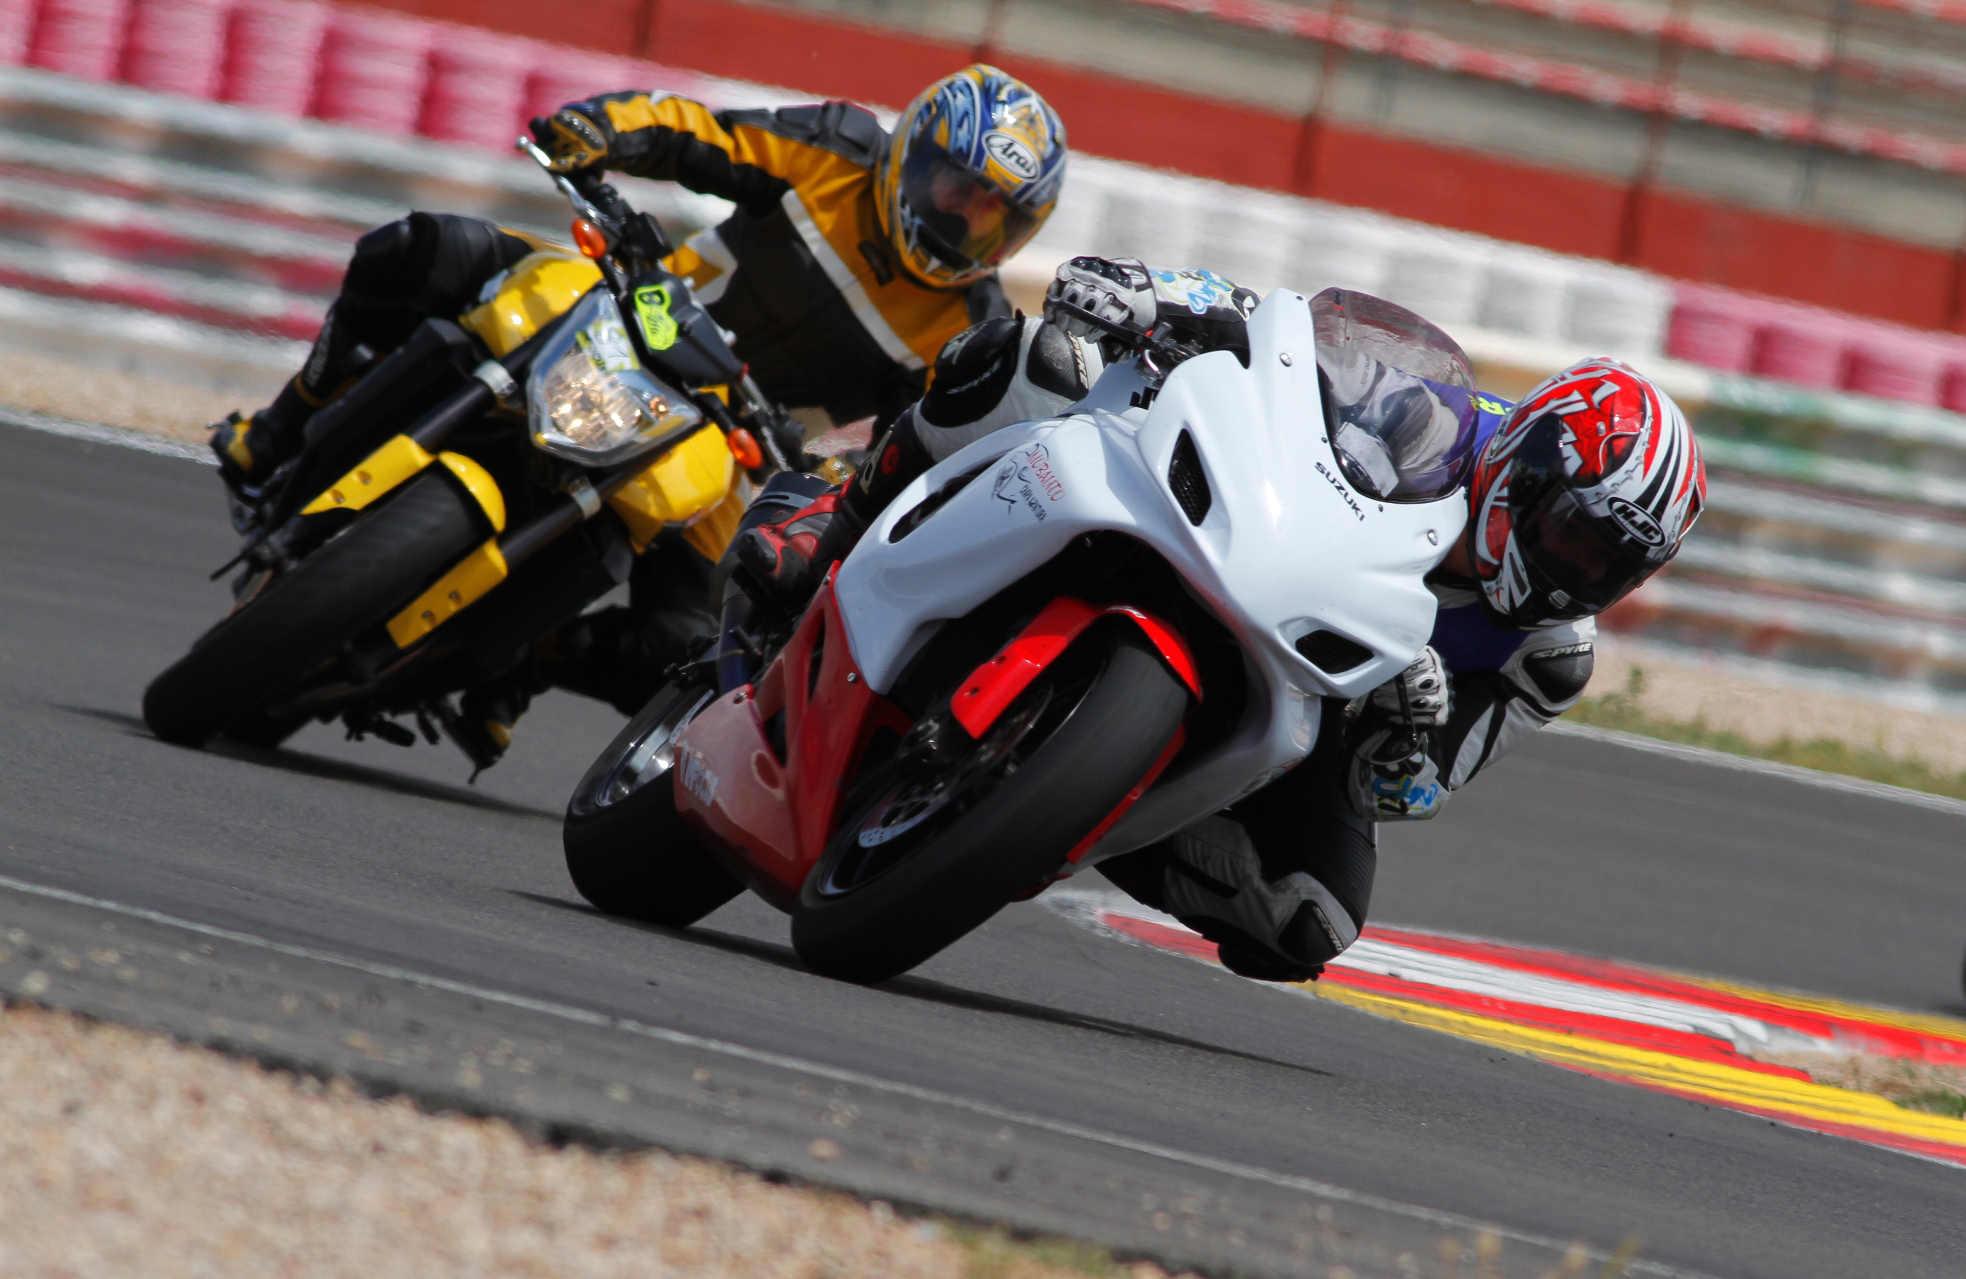 Rodada Box71 en el Circuito de Albacete (Foto: Box71)